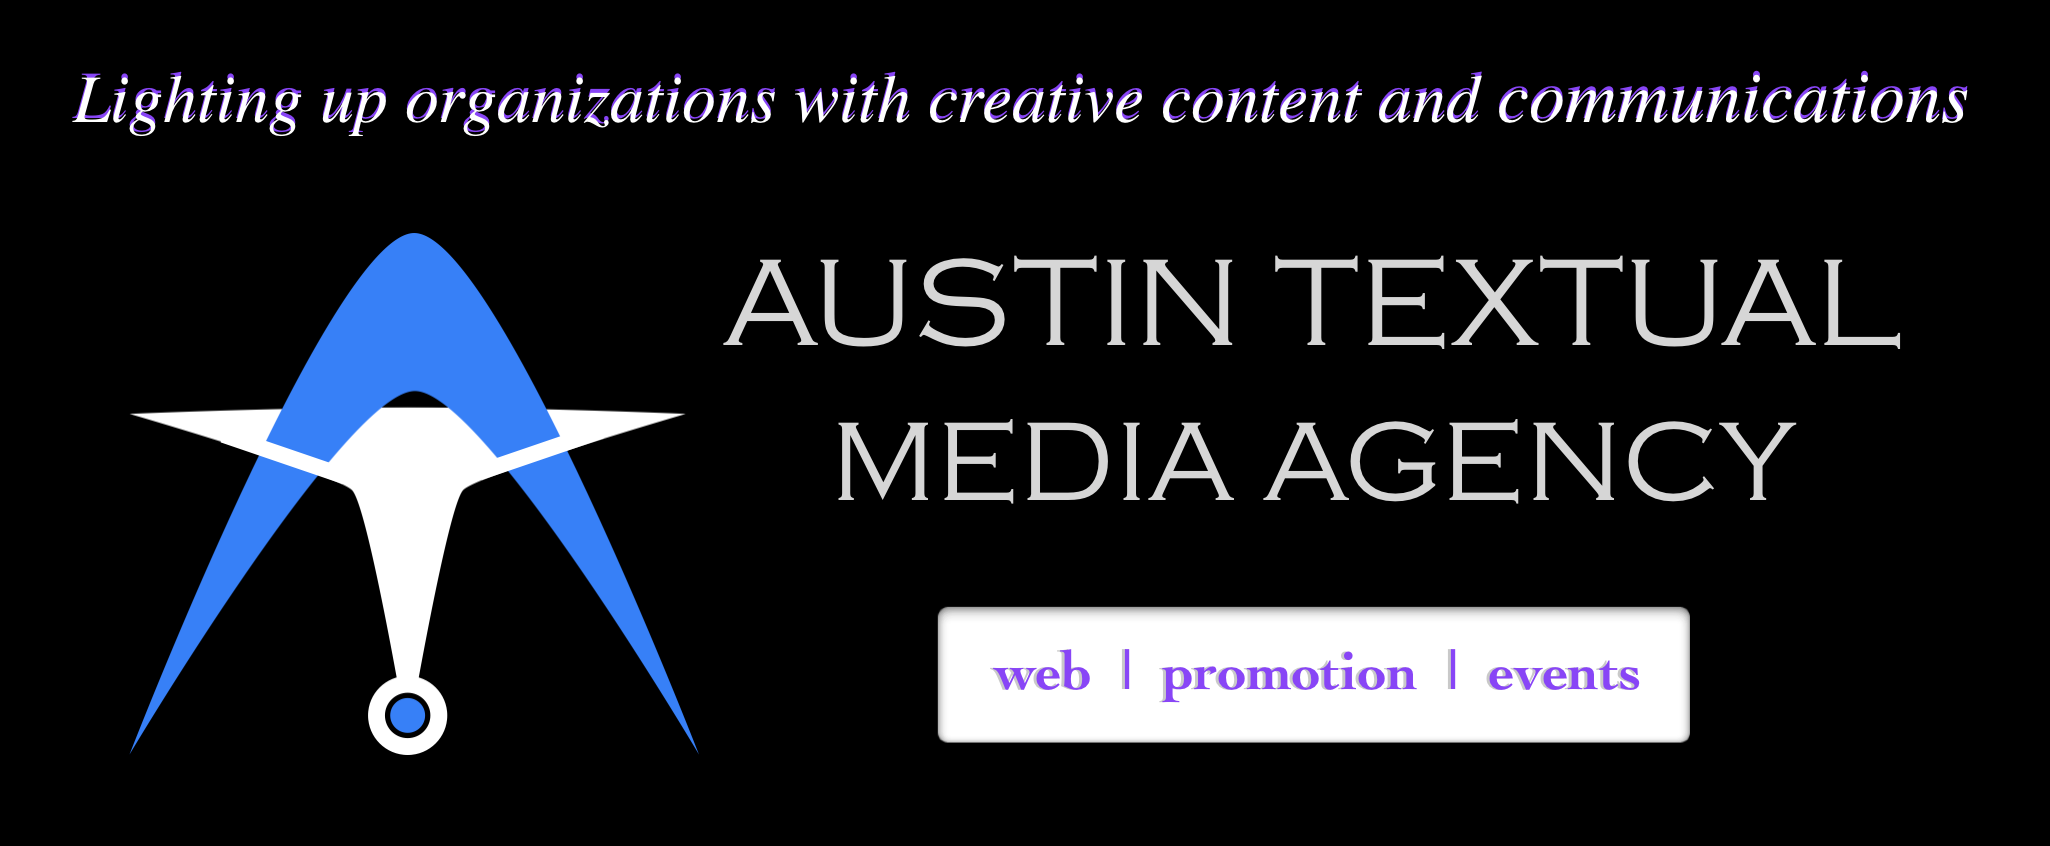 Austin Textual